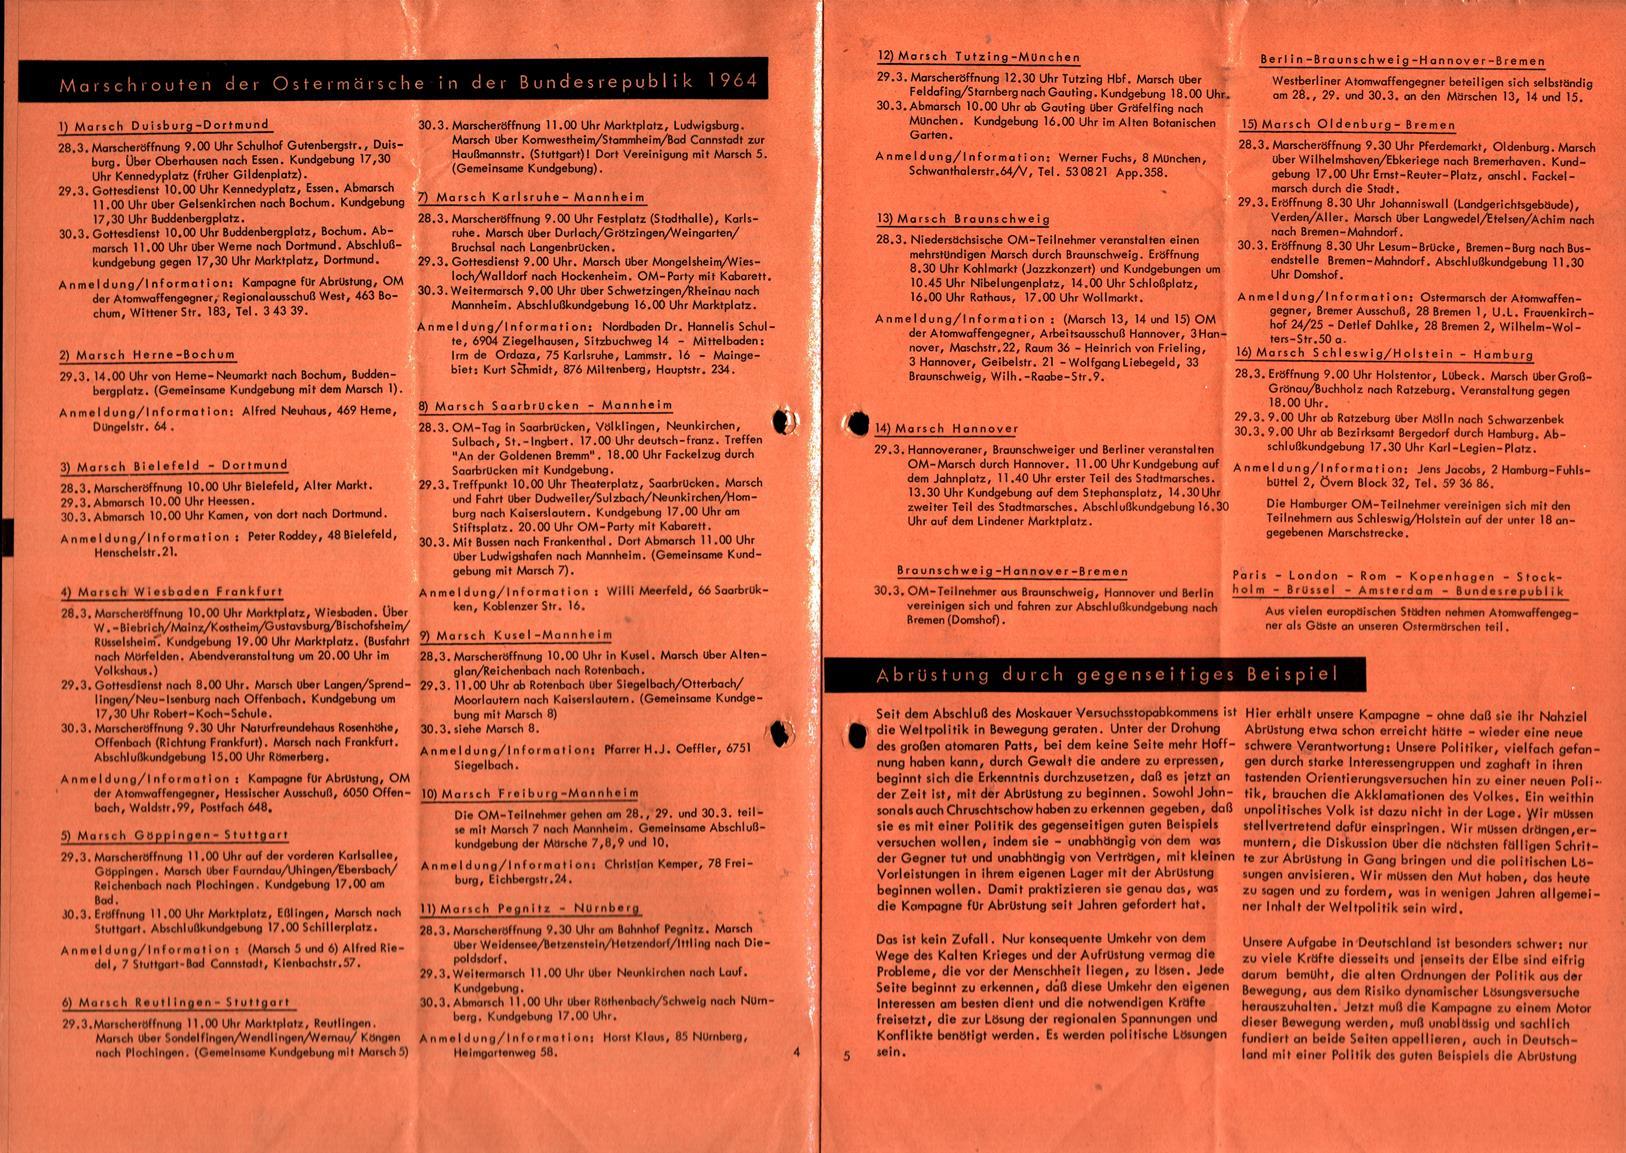 Infos_zur_Abruestung_1964_007_008_003